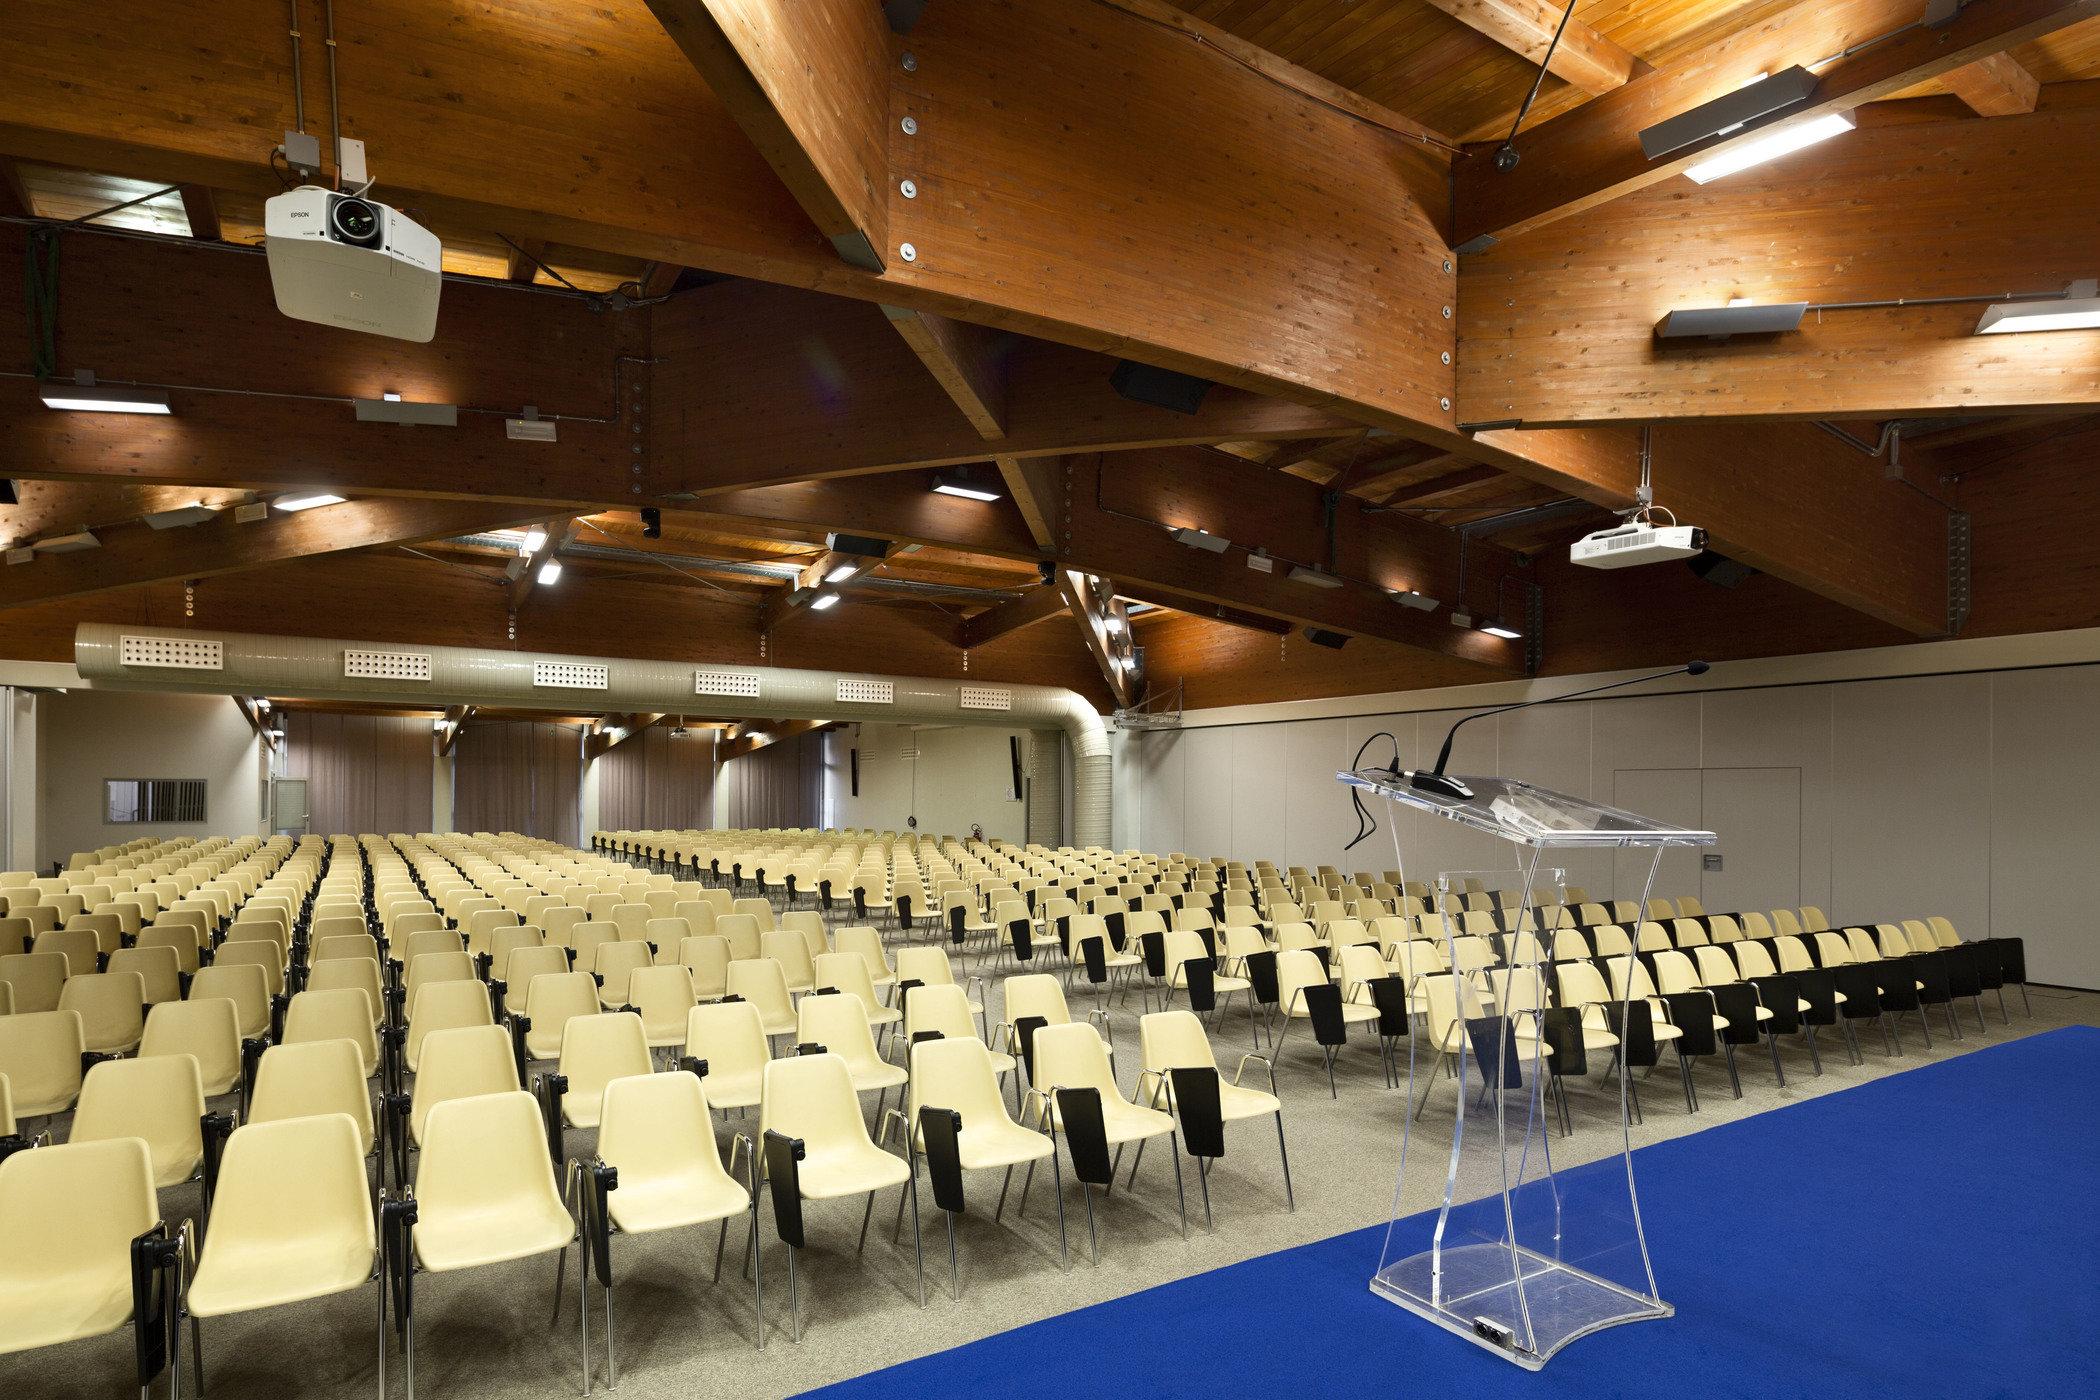 Meeting room at UNAWAT Bologna San Lazzaro